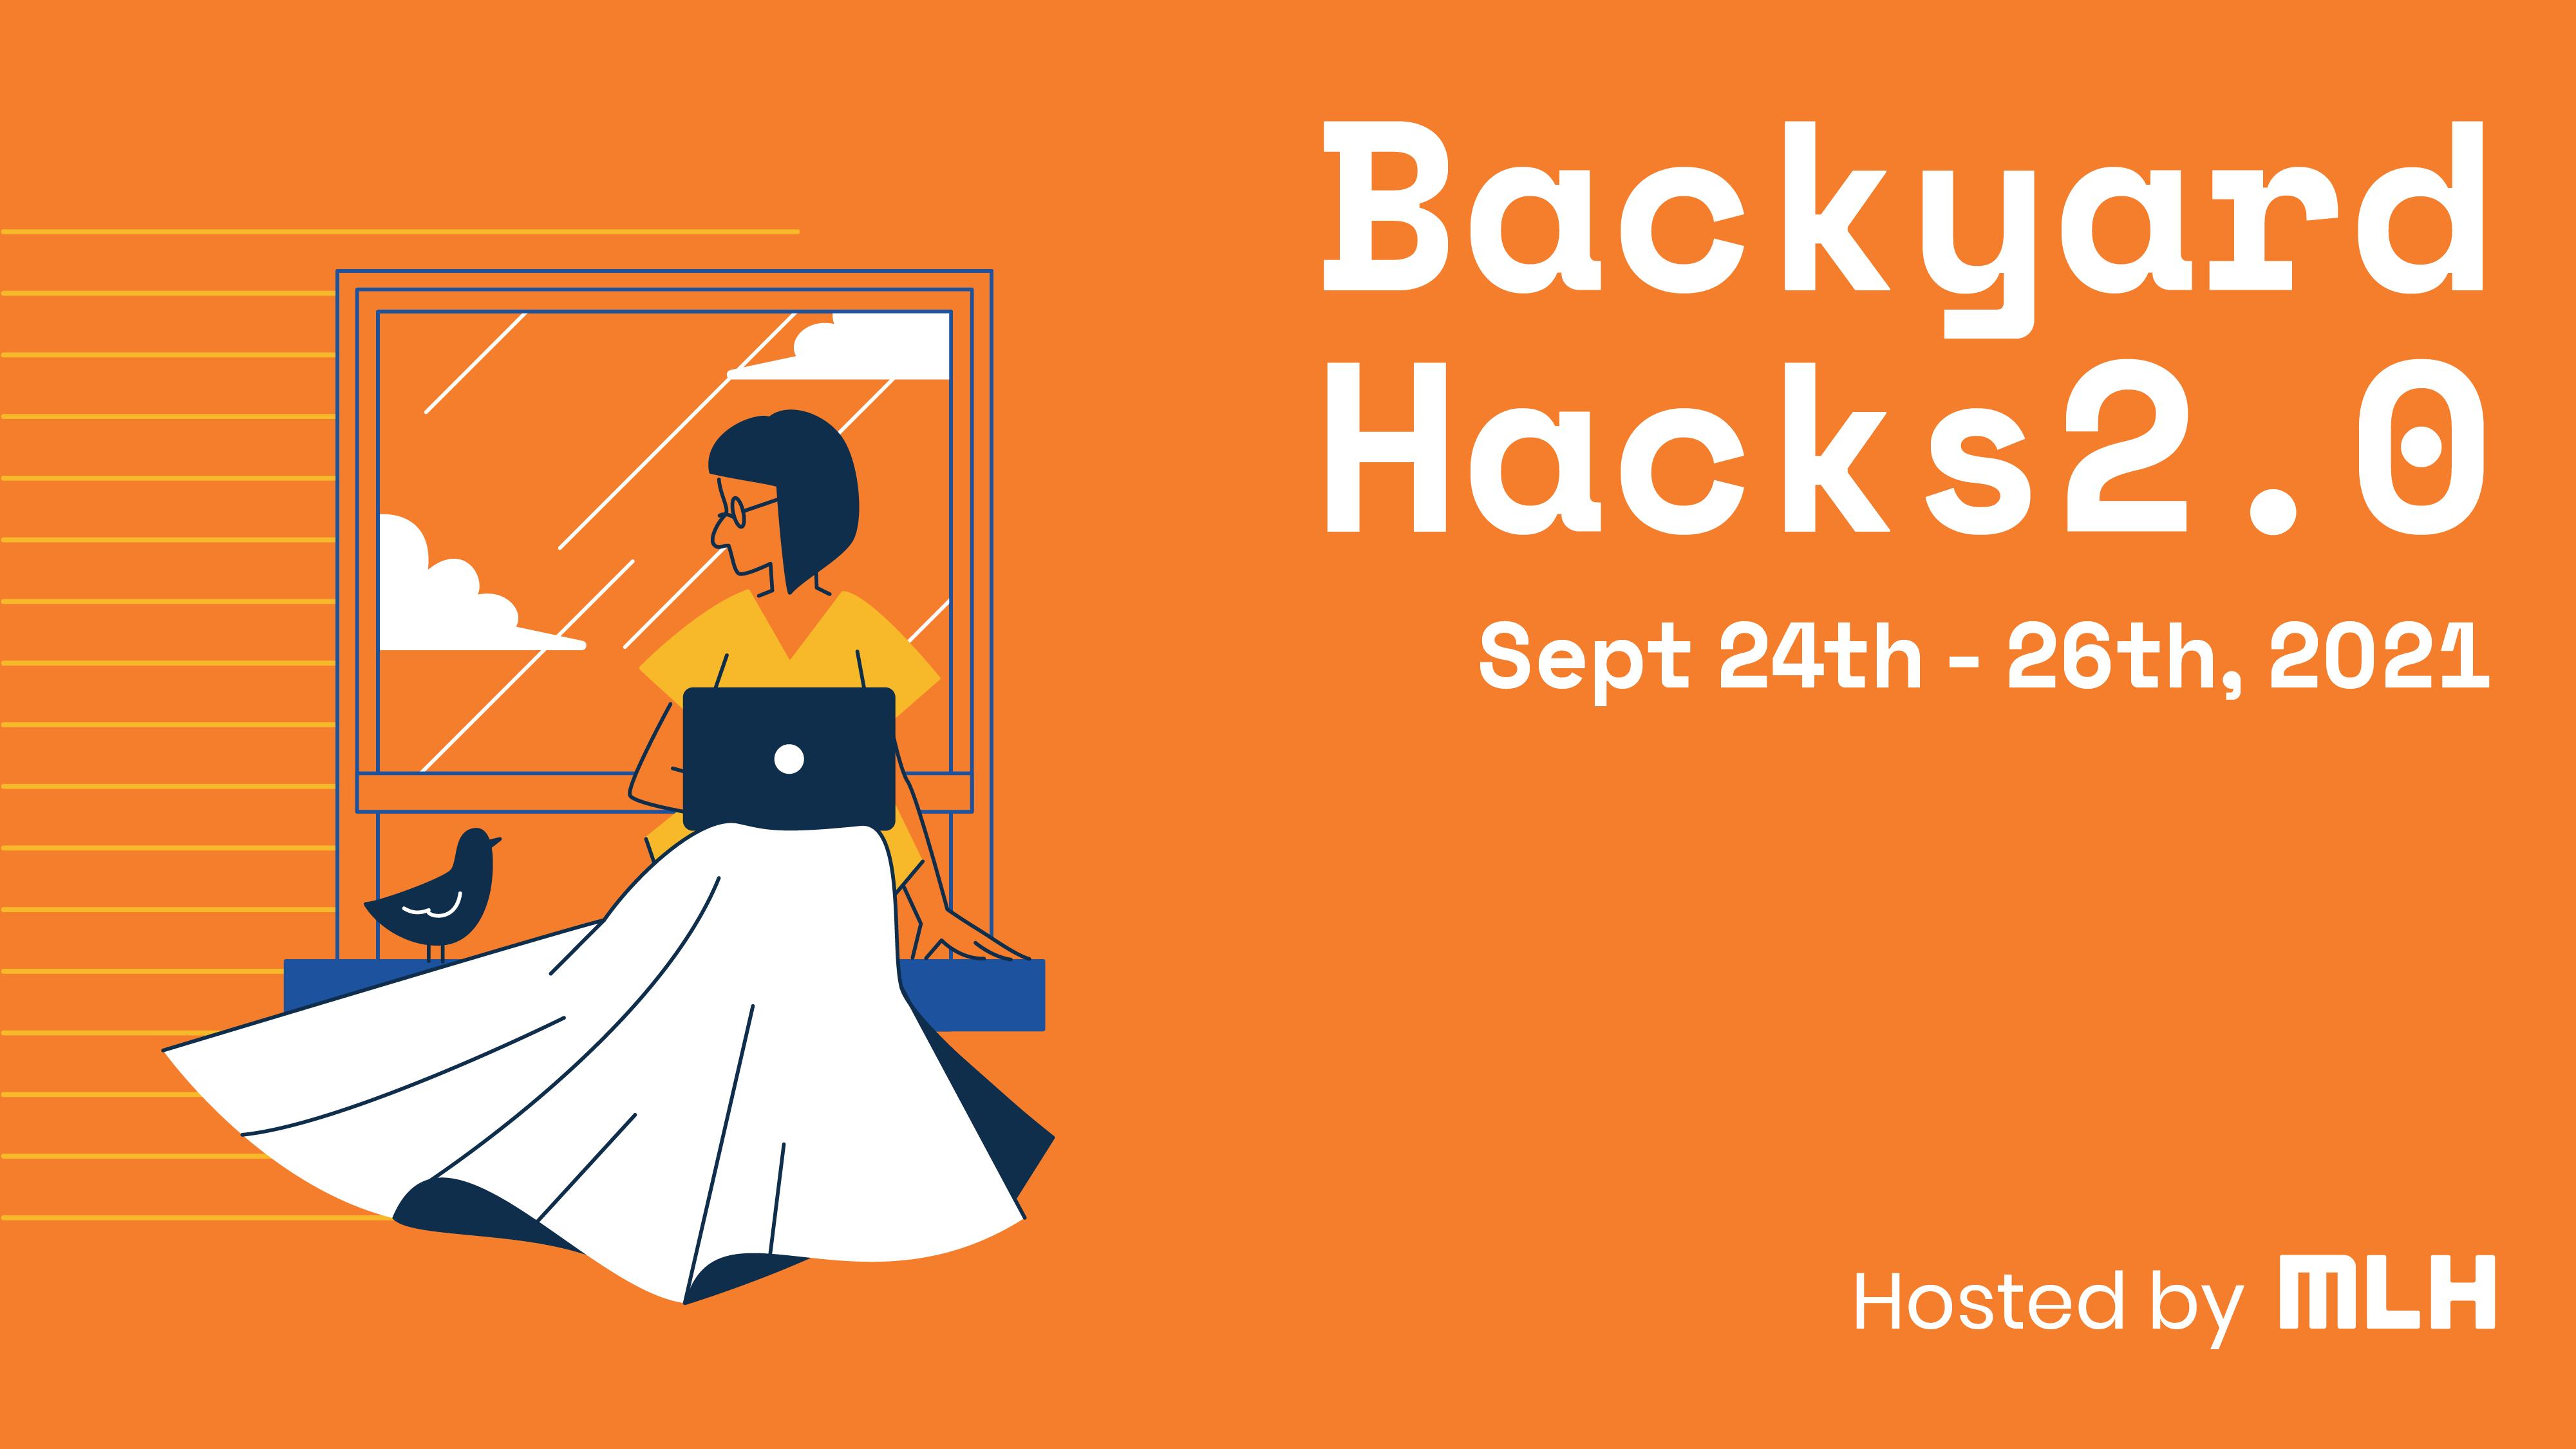 BackyardHacks 2.0